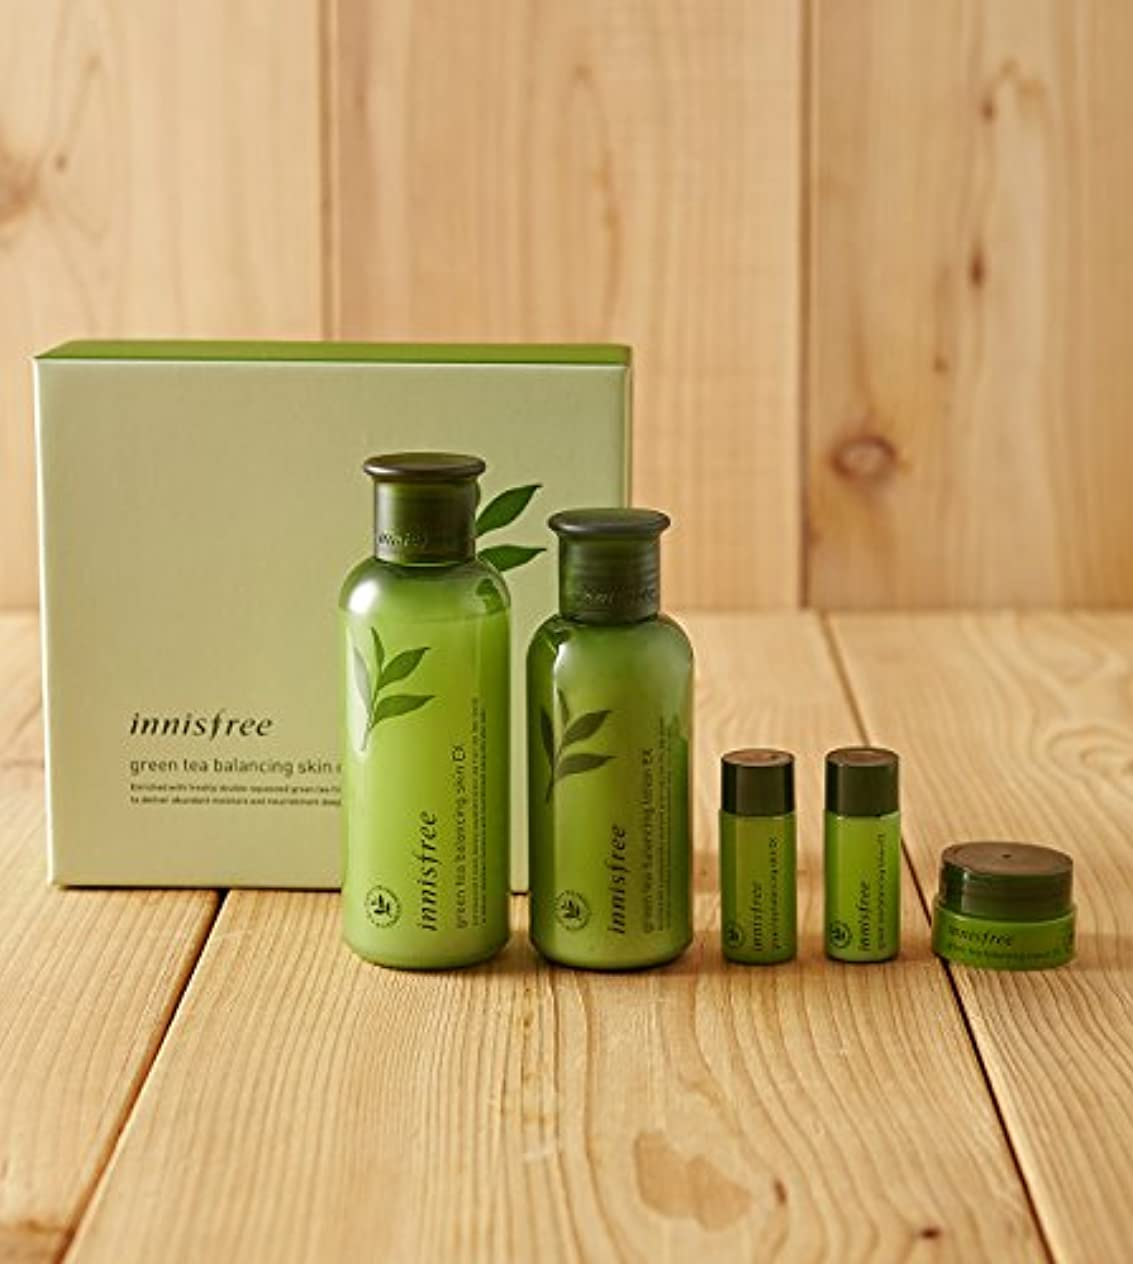 奨励します戦争つかまえるinnisfree green tea balancing skin care set ex/イニスフリーグリーンティーバランシングスキンケアセットex